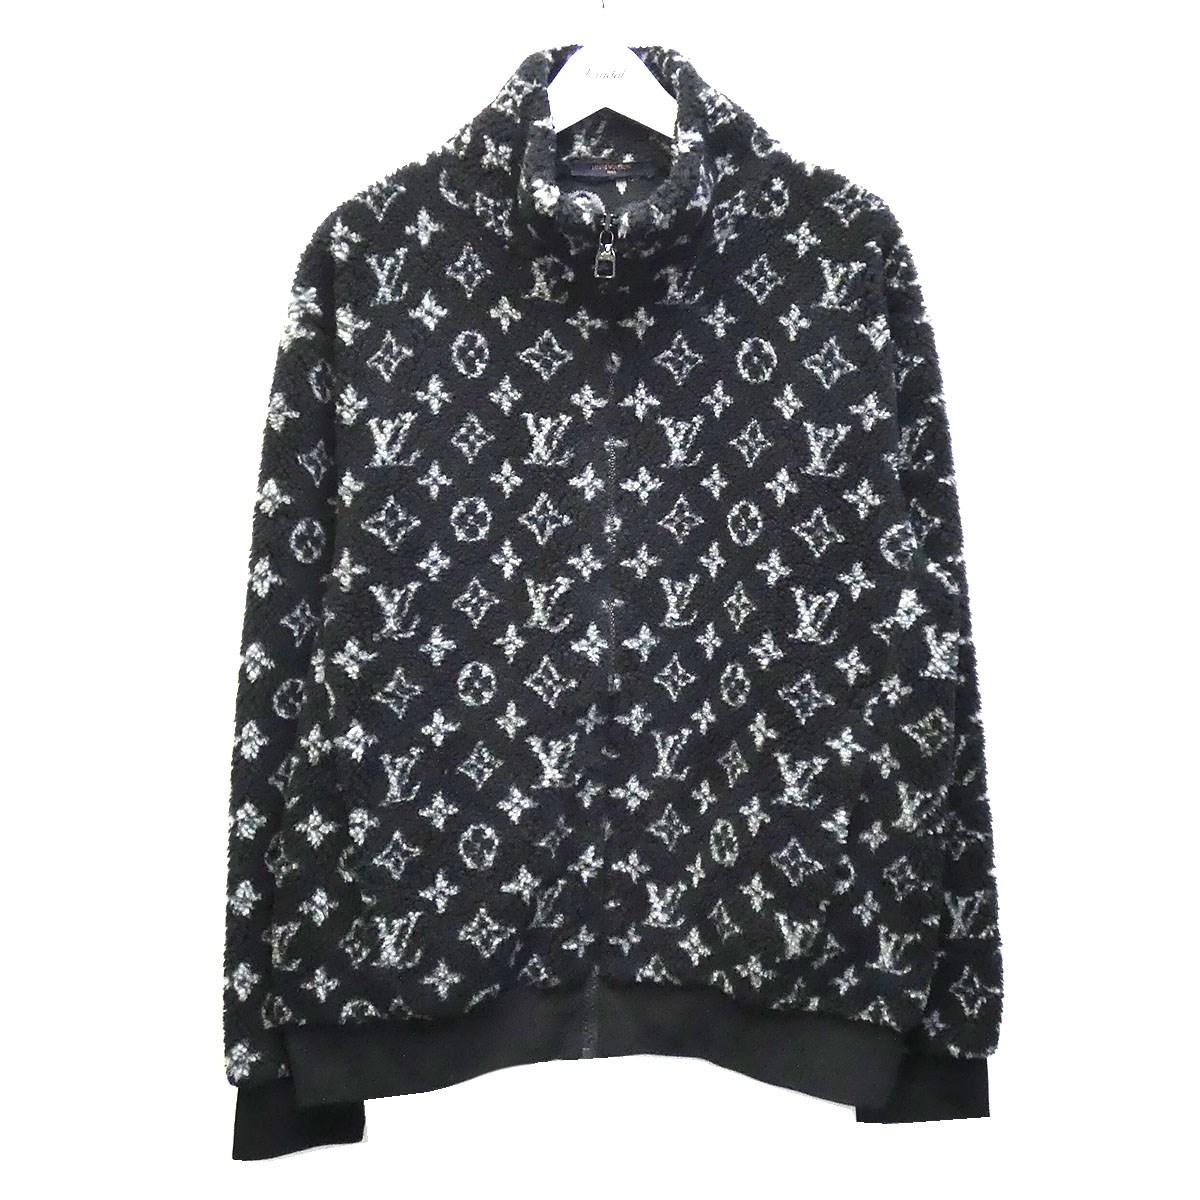 【中古】LOUIS VUITTON 20SS「Monogram Fleece Zipup Jacket」モノグラムフリースジャケット ブラック×グレー サイズ:L 【080720】(ルイヴィトン)